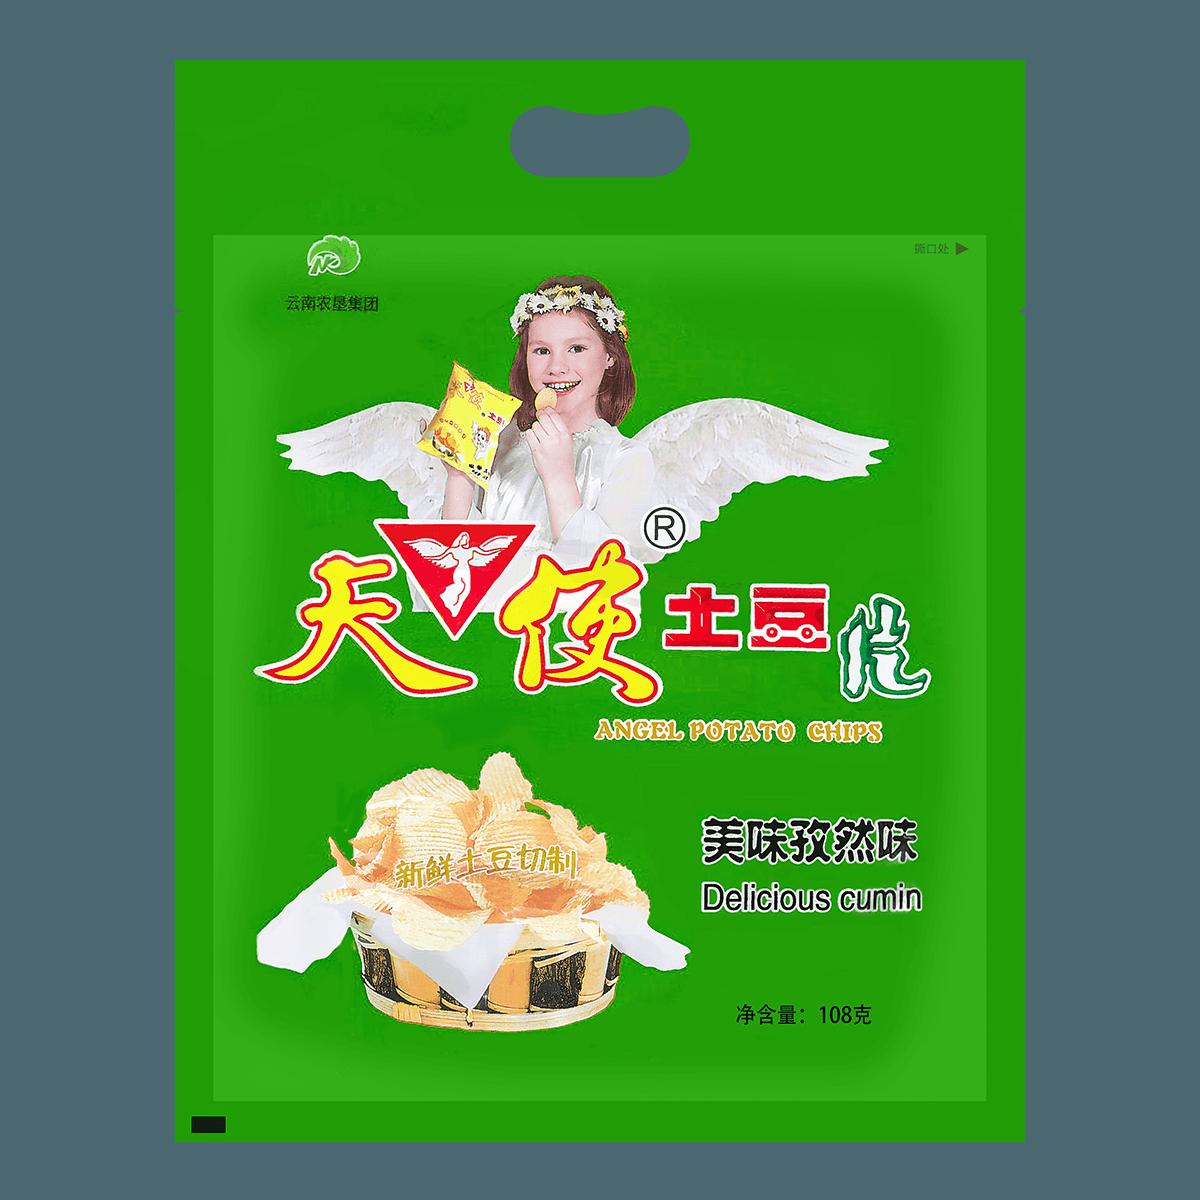 ANGEL Potato Chips-Cumin Flavor 108g